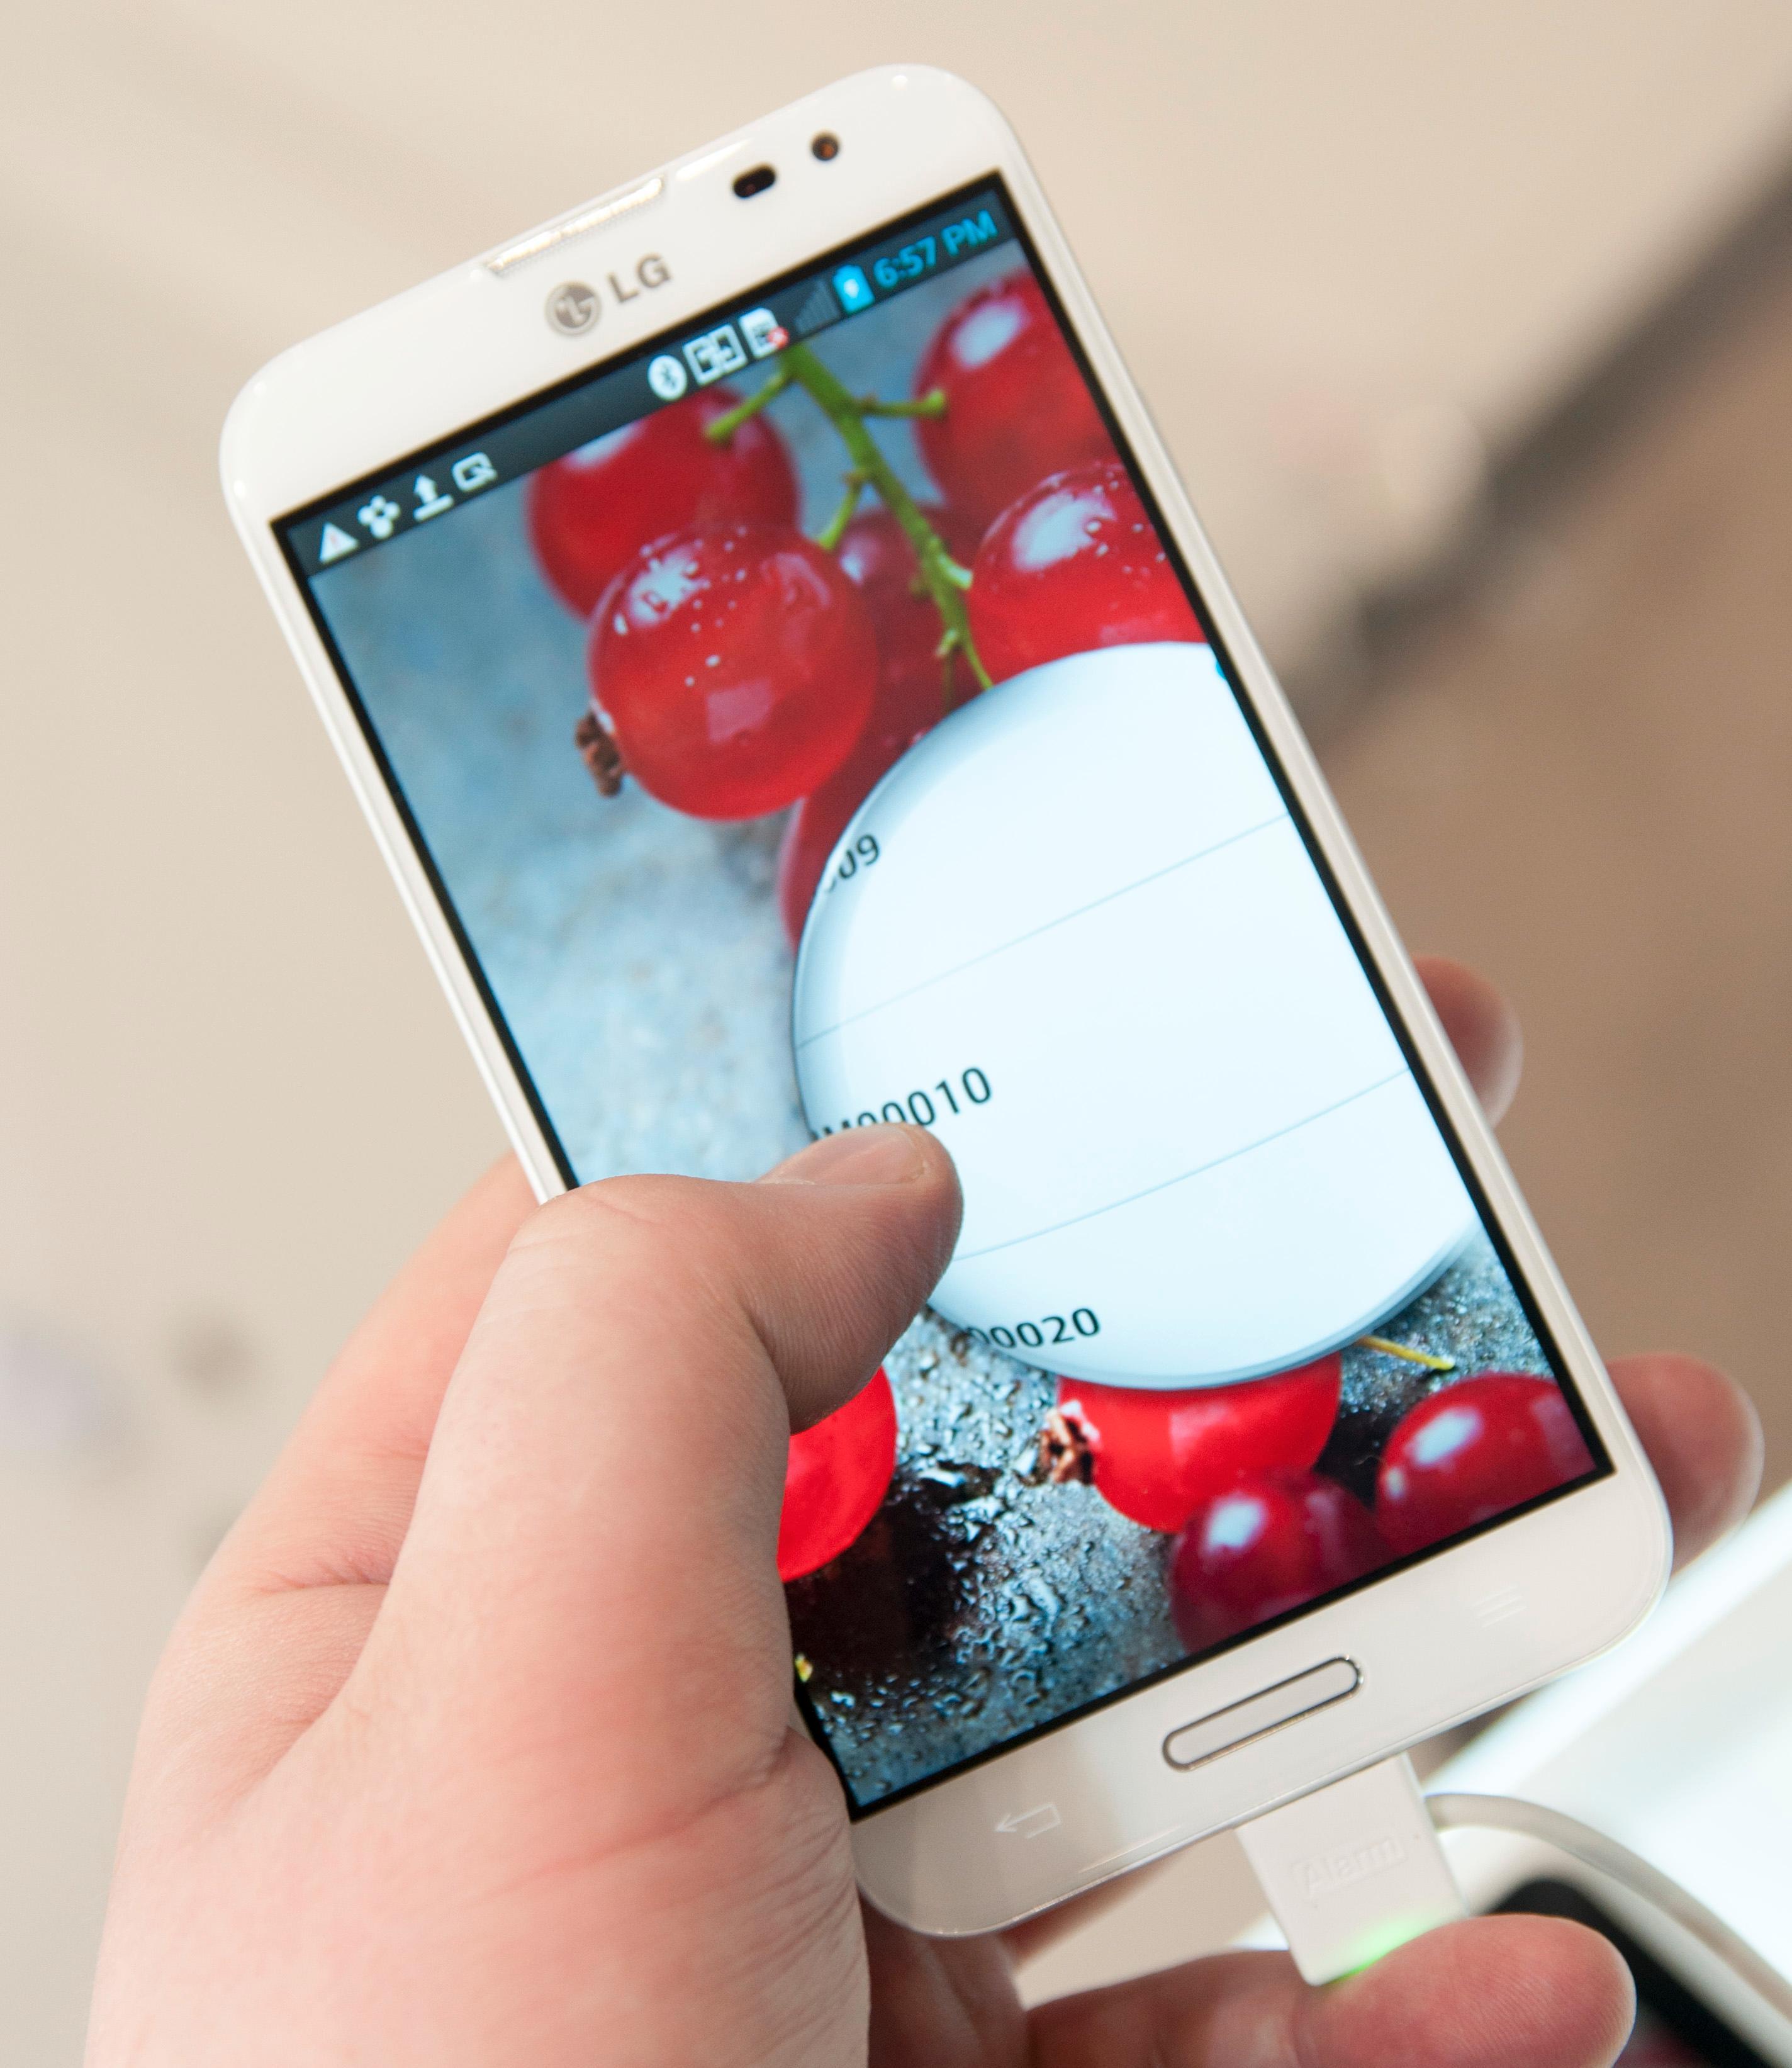 Låsefunksjonen LG har laget er litt stilig. Når du trekker fingeren over skjermen, trekker du opp en boble som gradvis avslører innholdet bak.Foto: Finn Jarle Kvalheim, Amobil.no